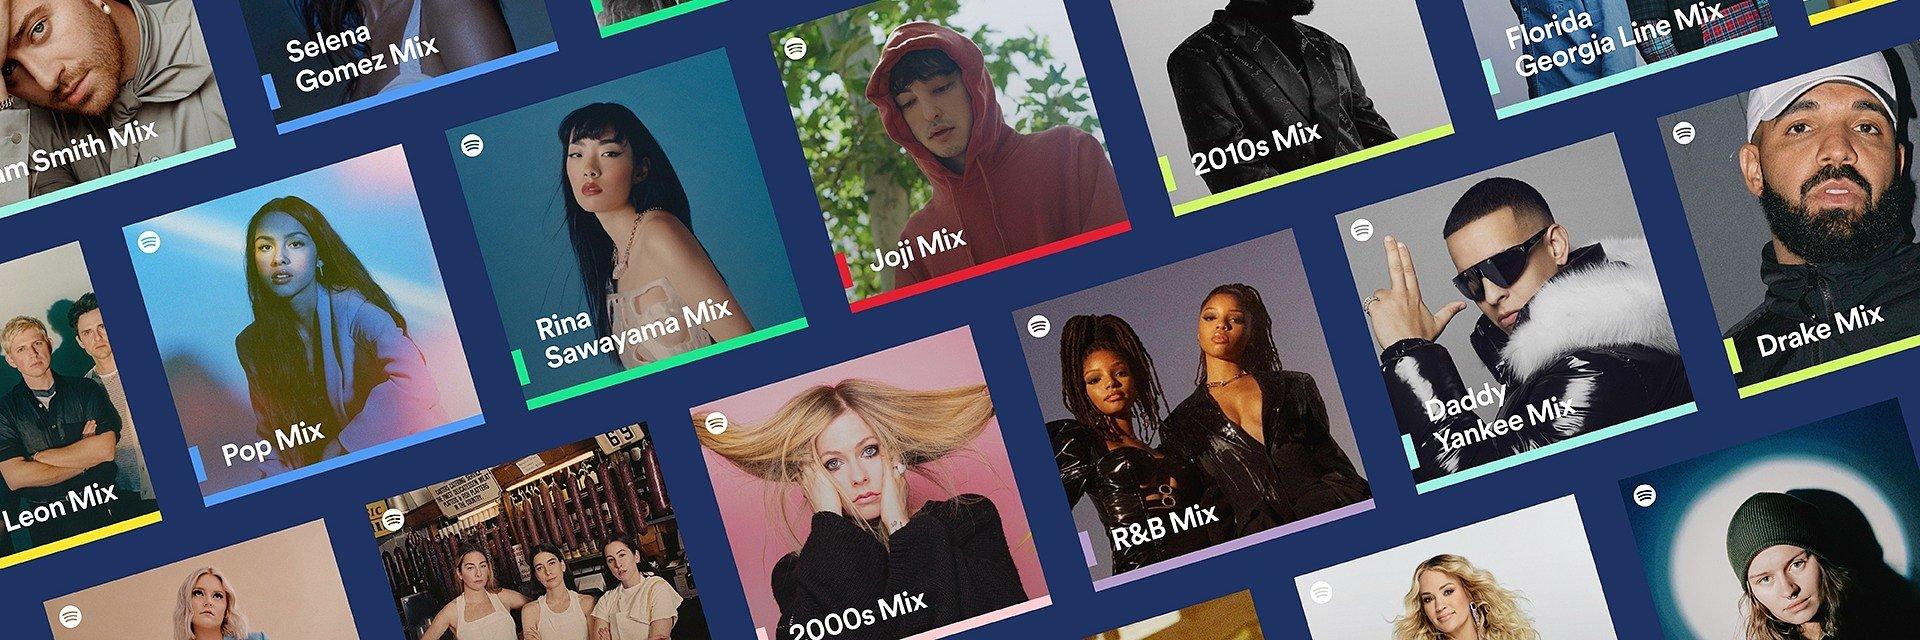 Przedstawiamy Spotify Mixes: personalizowane listy odtwarzania z Twoimi ulubionymi wykonawcami, gatunkami i dekadami